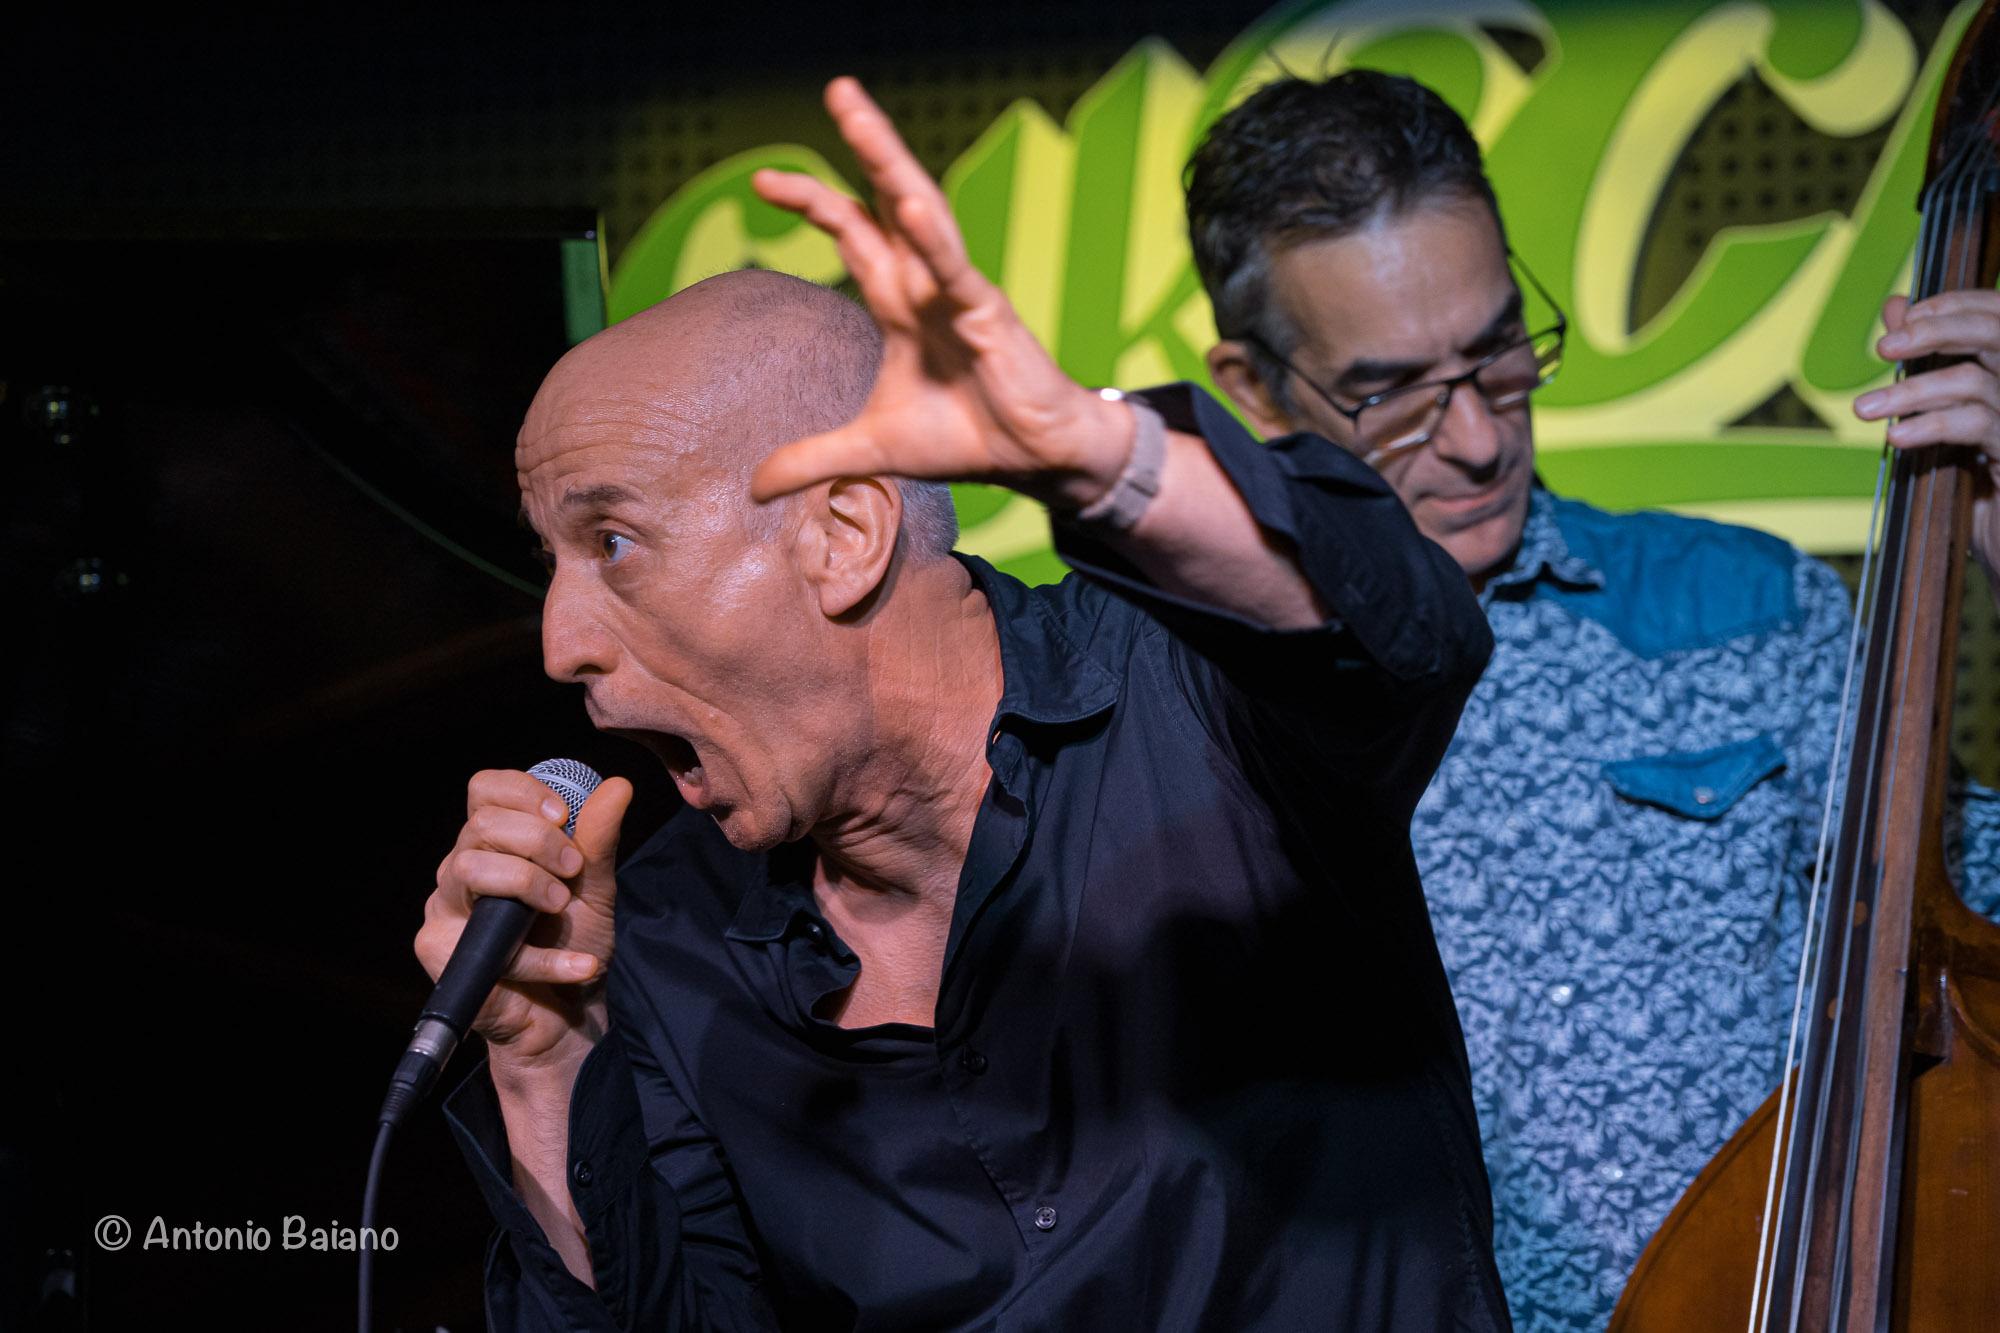 Peppe Servillo and Davide Mantovani